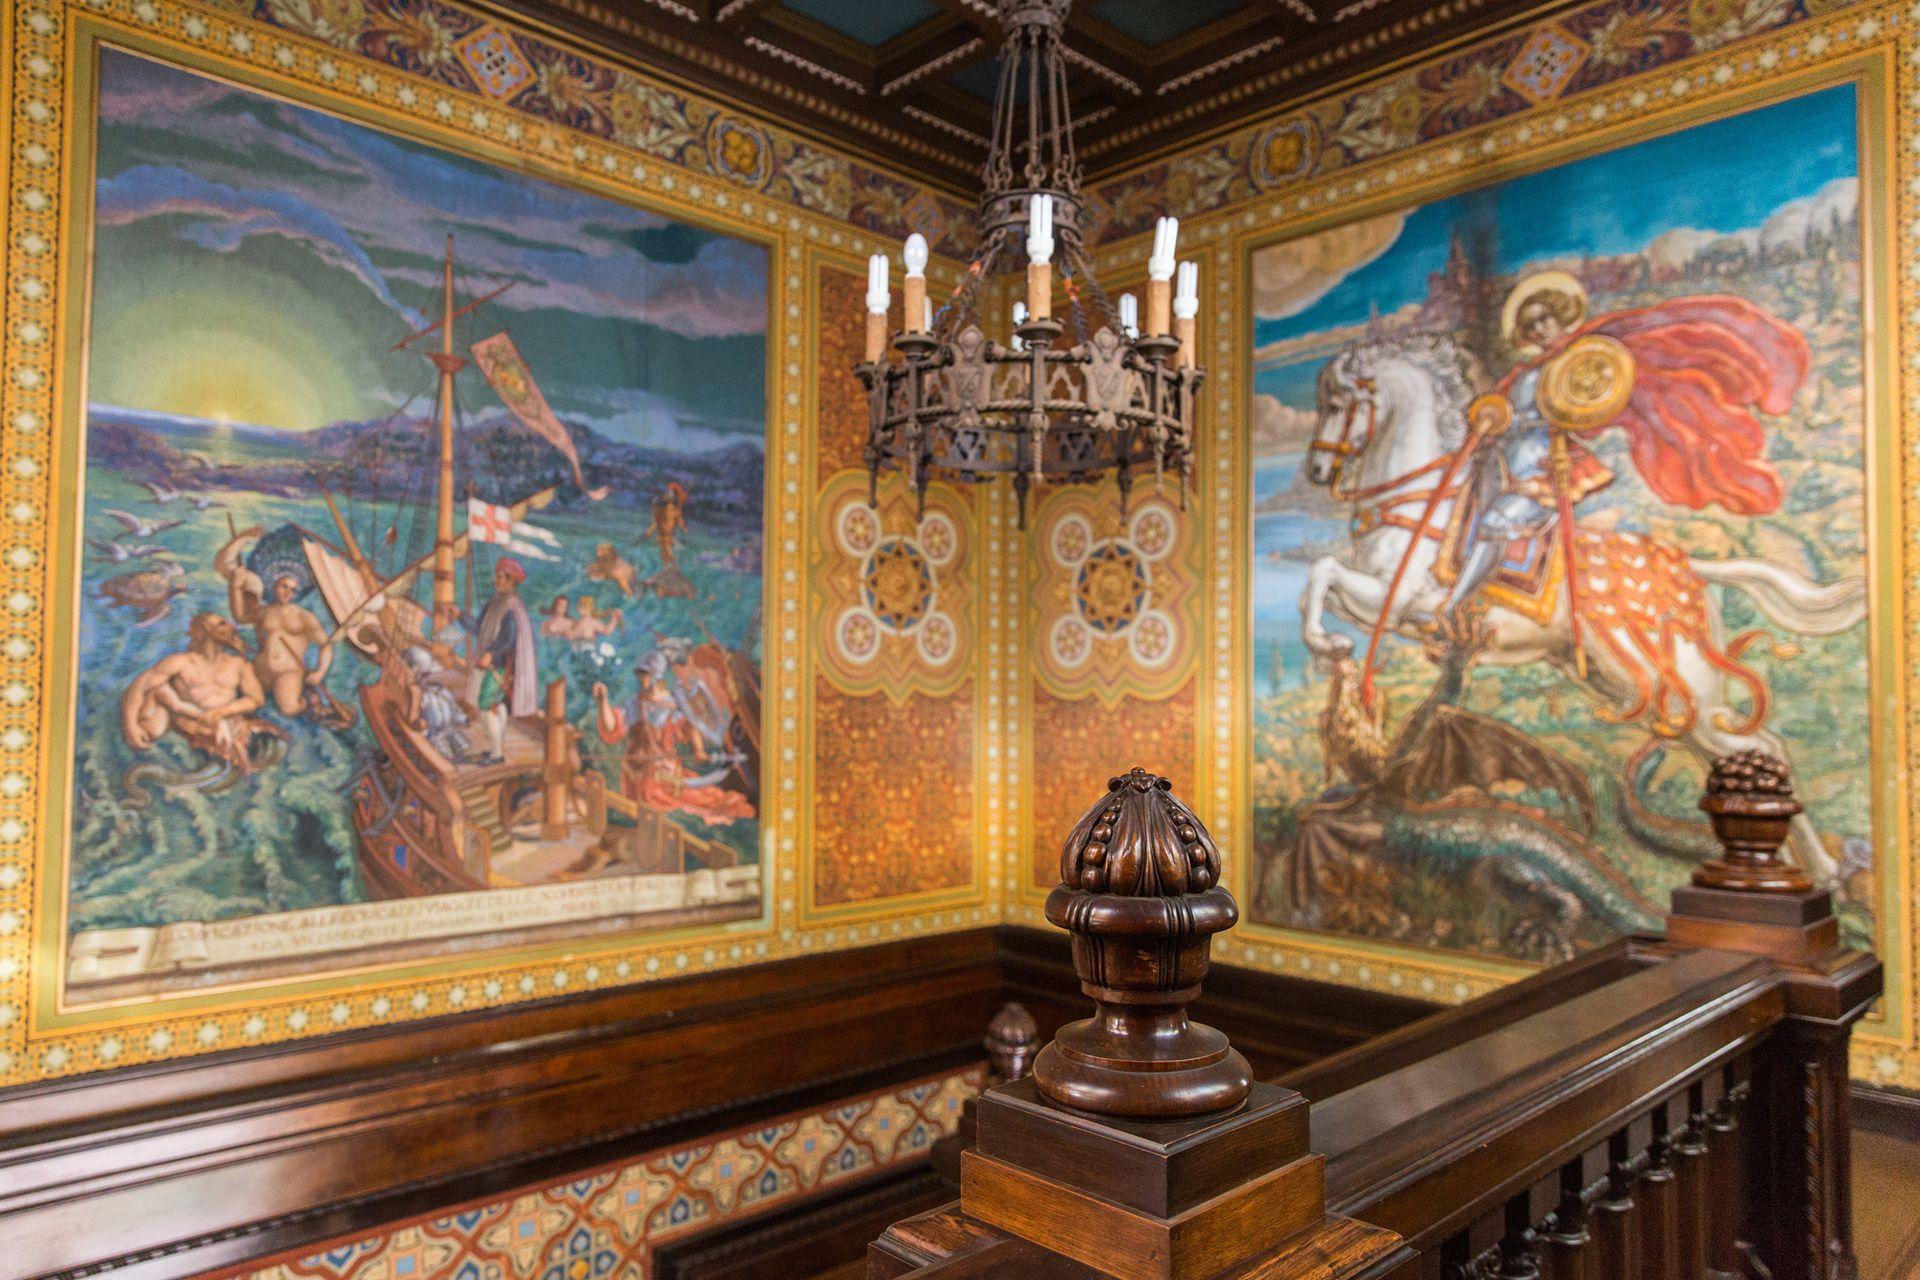 Los frescos de Enrico Albertazzi decoran la subida de la gran escalera de acceso.